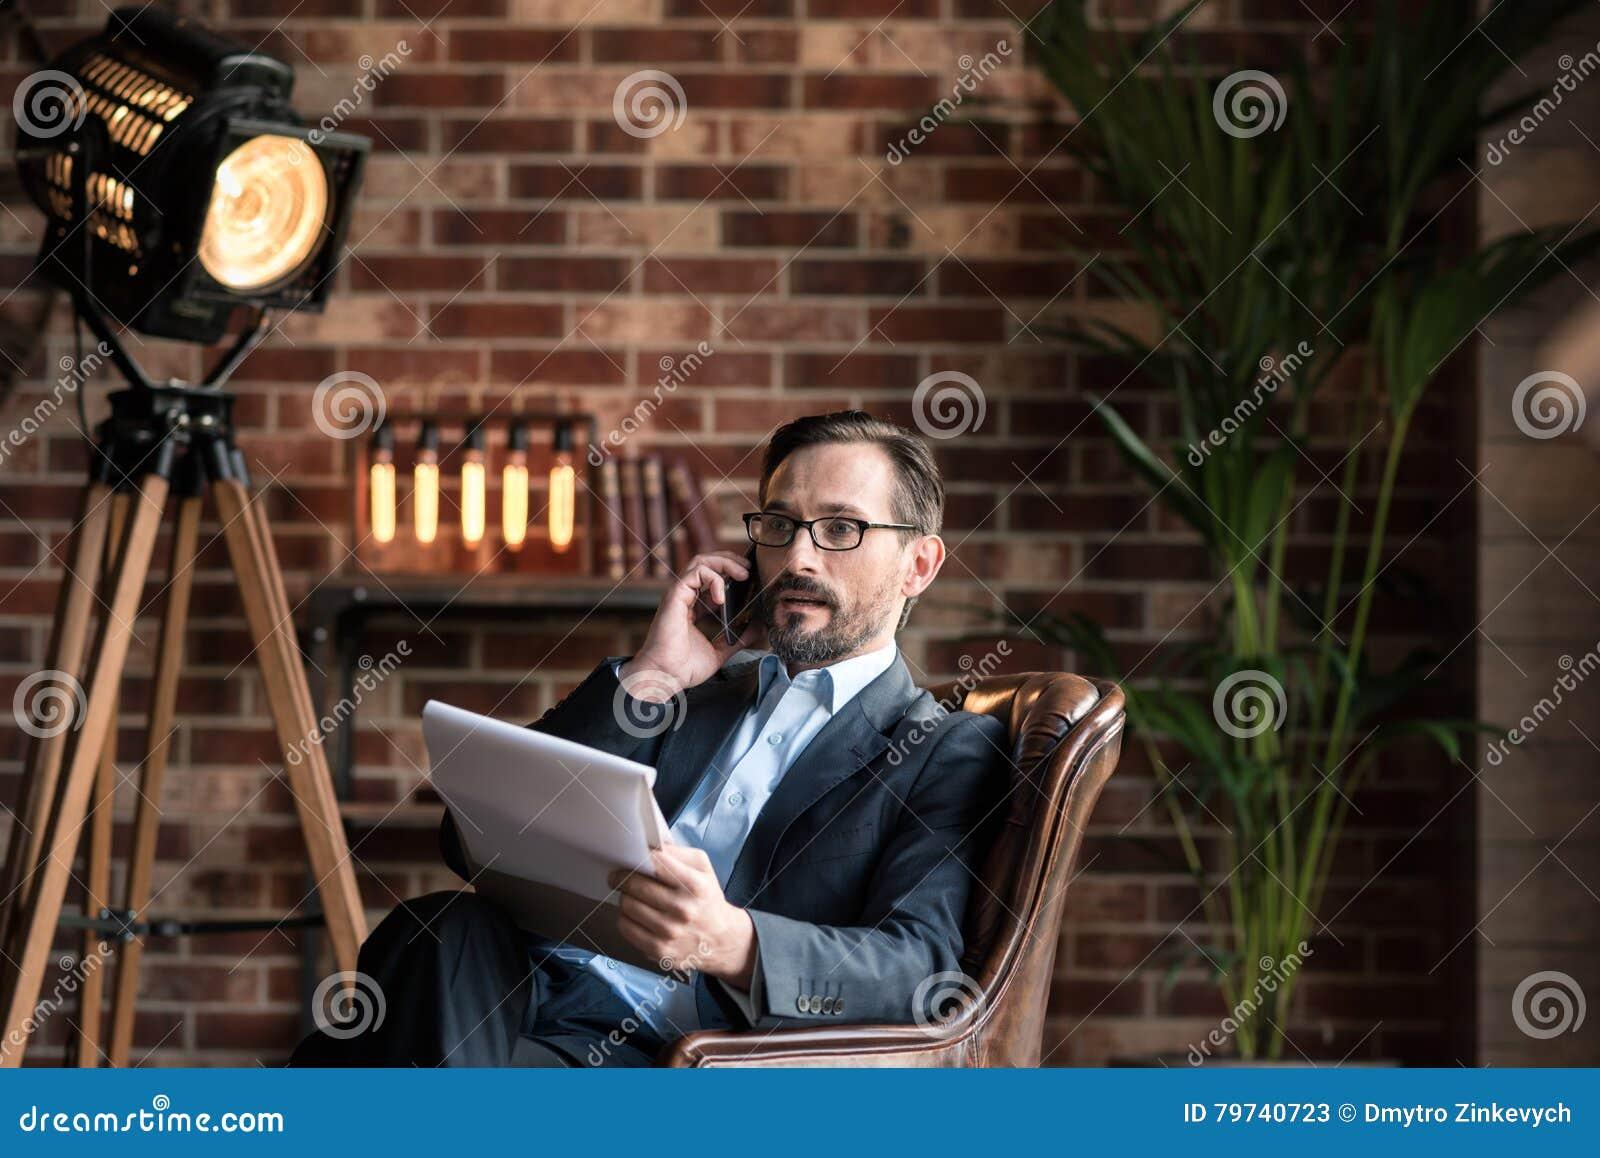 Hombre independiente hermoso que discute problemas de negocio